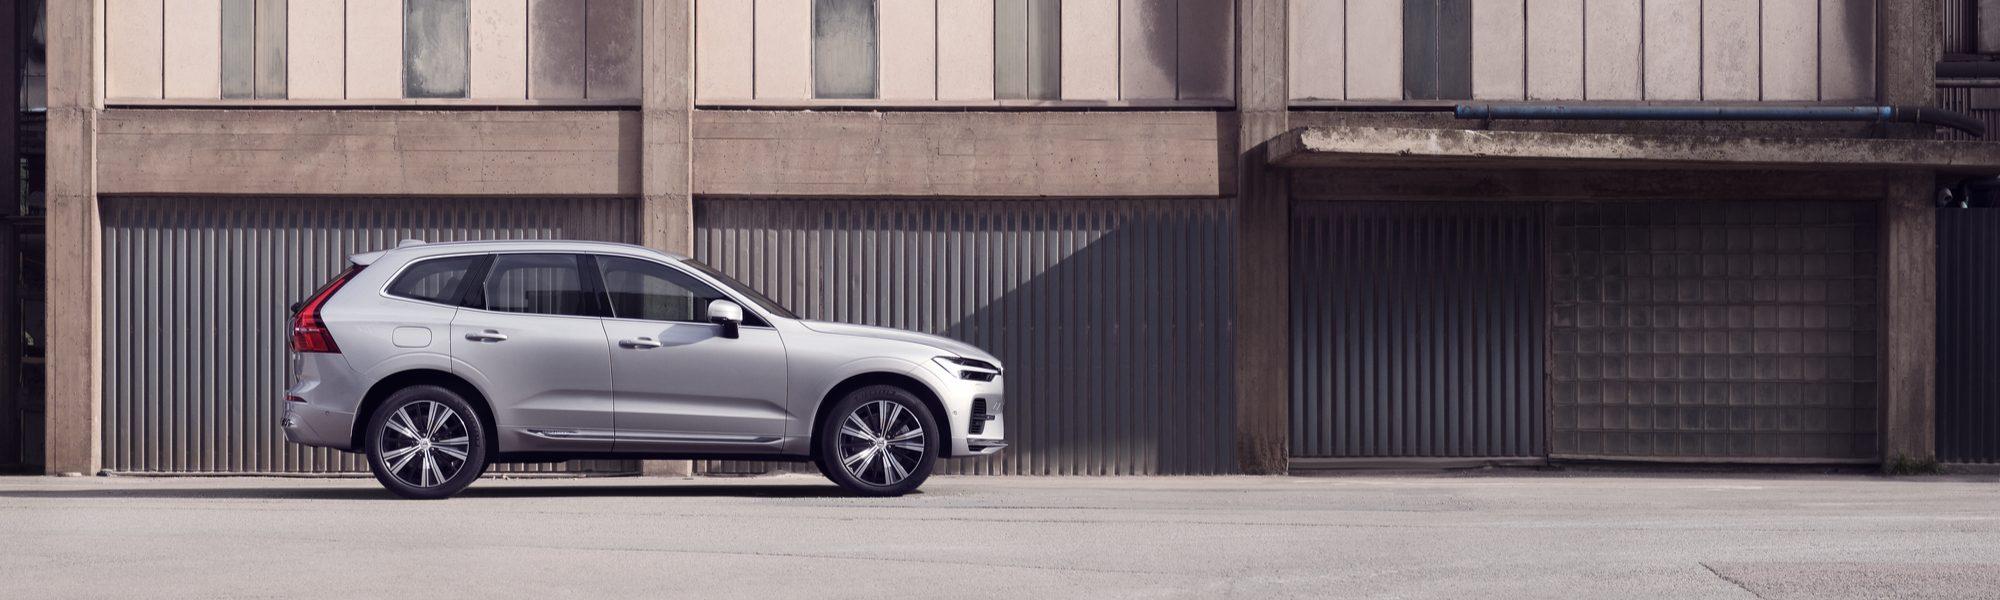 Volvo XC60 Mild Hybrid